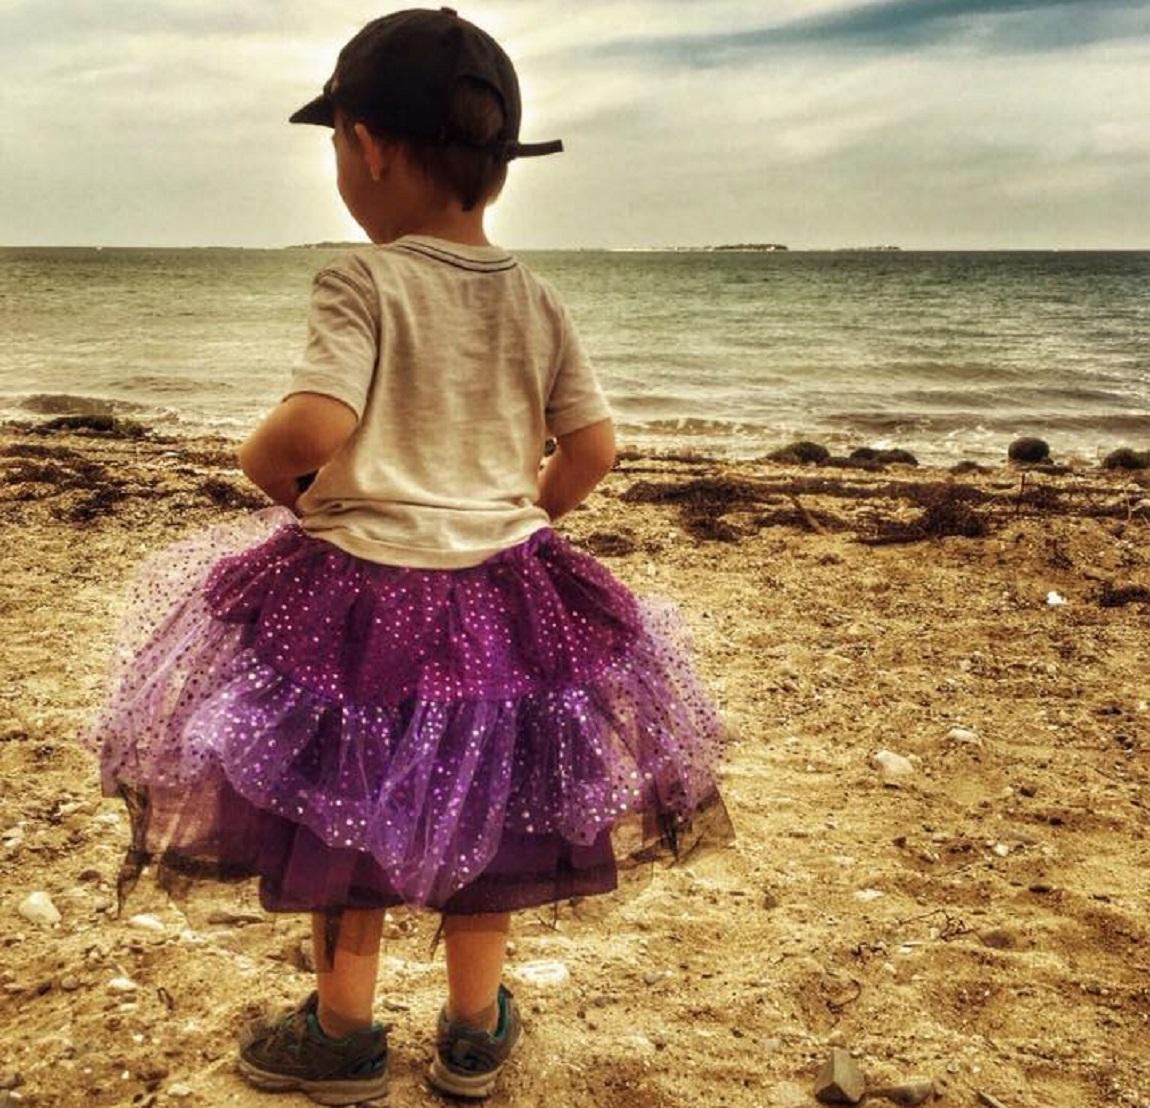 """Джен Андерсон Шаттак: """"Остальной мир может не принимать моего сына, но я его люблю таким, какой он есть"""""""